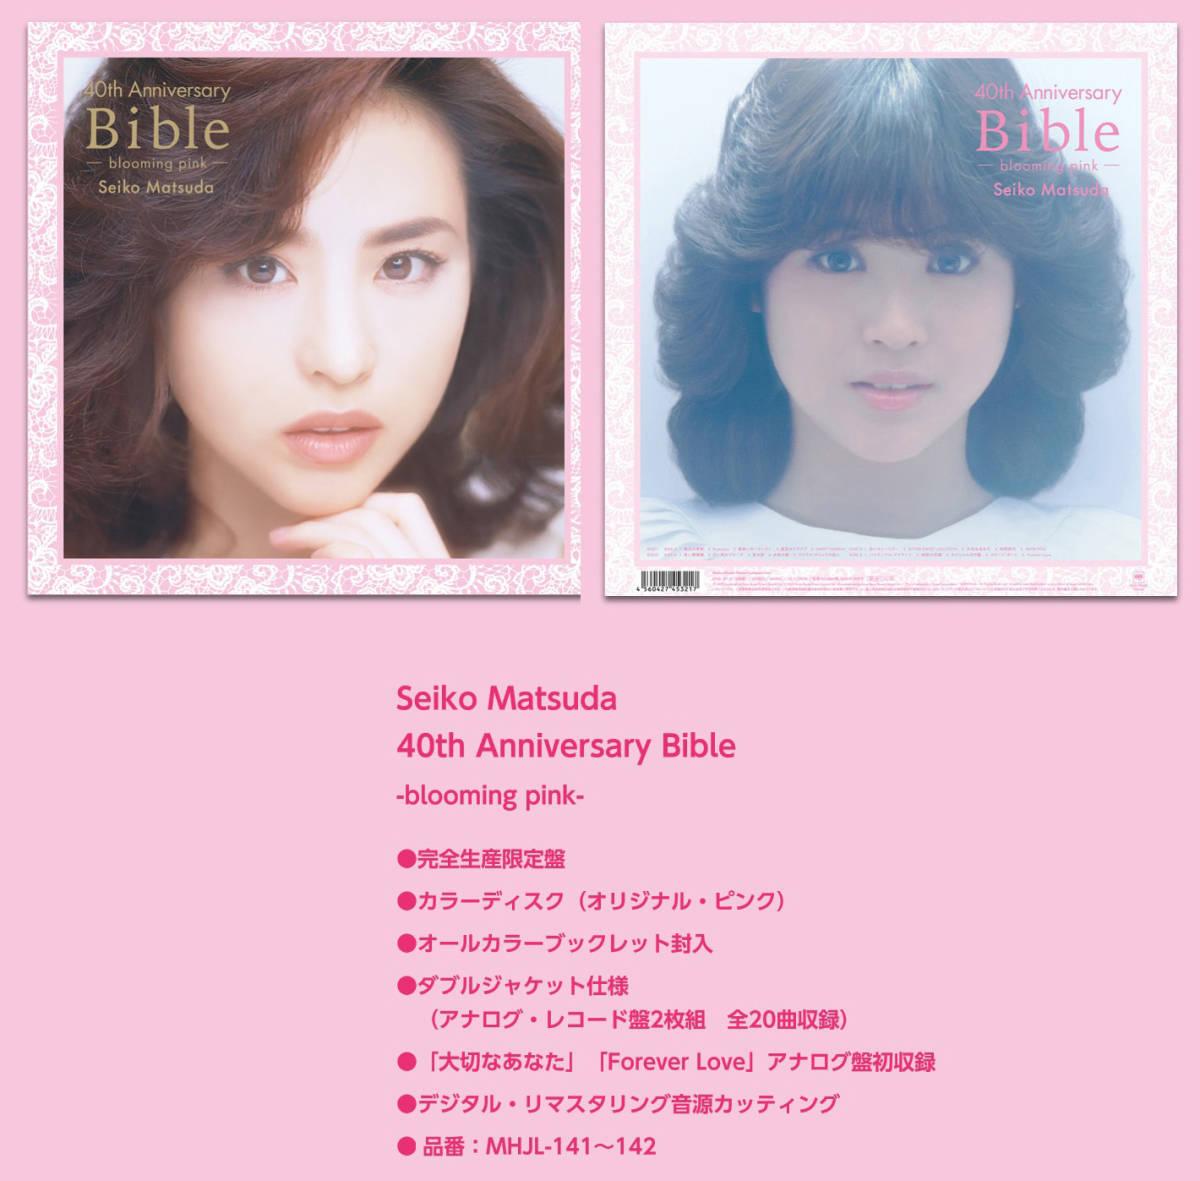 ◆新品未開封◆アナログ◆完全生産限定盤◆2枚組◆Seiko Matsuda 40th Anniversary Bible-blooming pink-◆松田聖子◆バイブル ベスト BEST_画像4